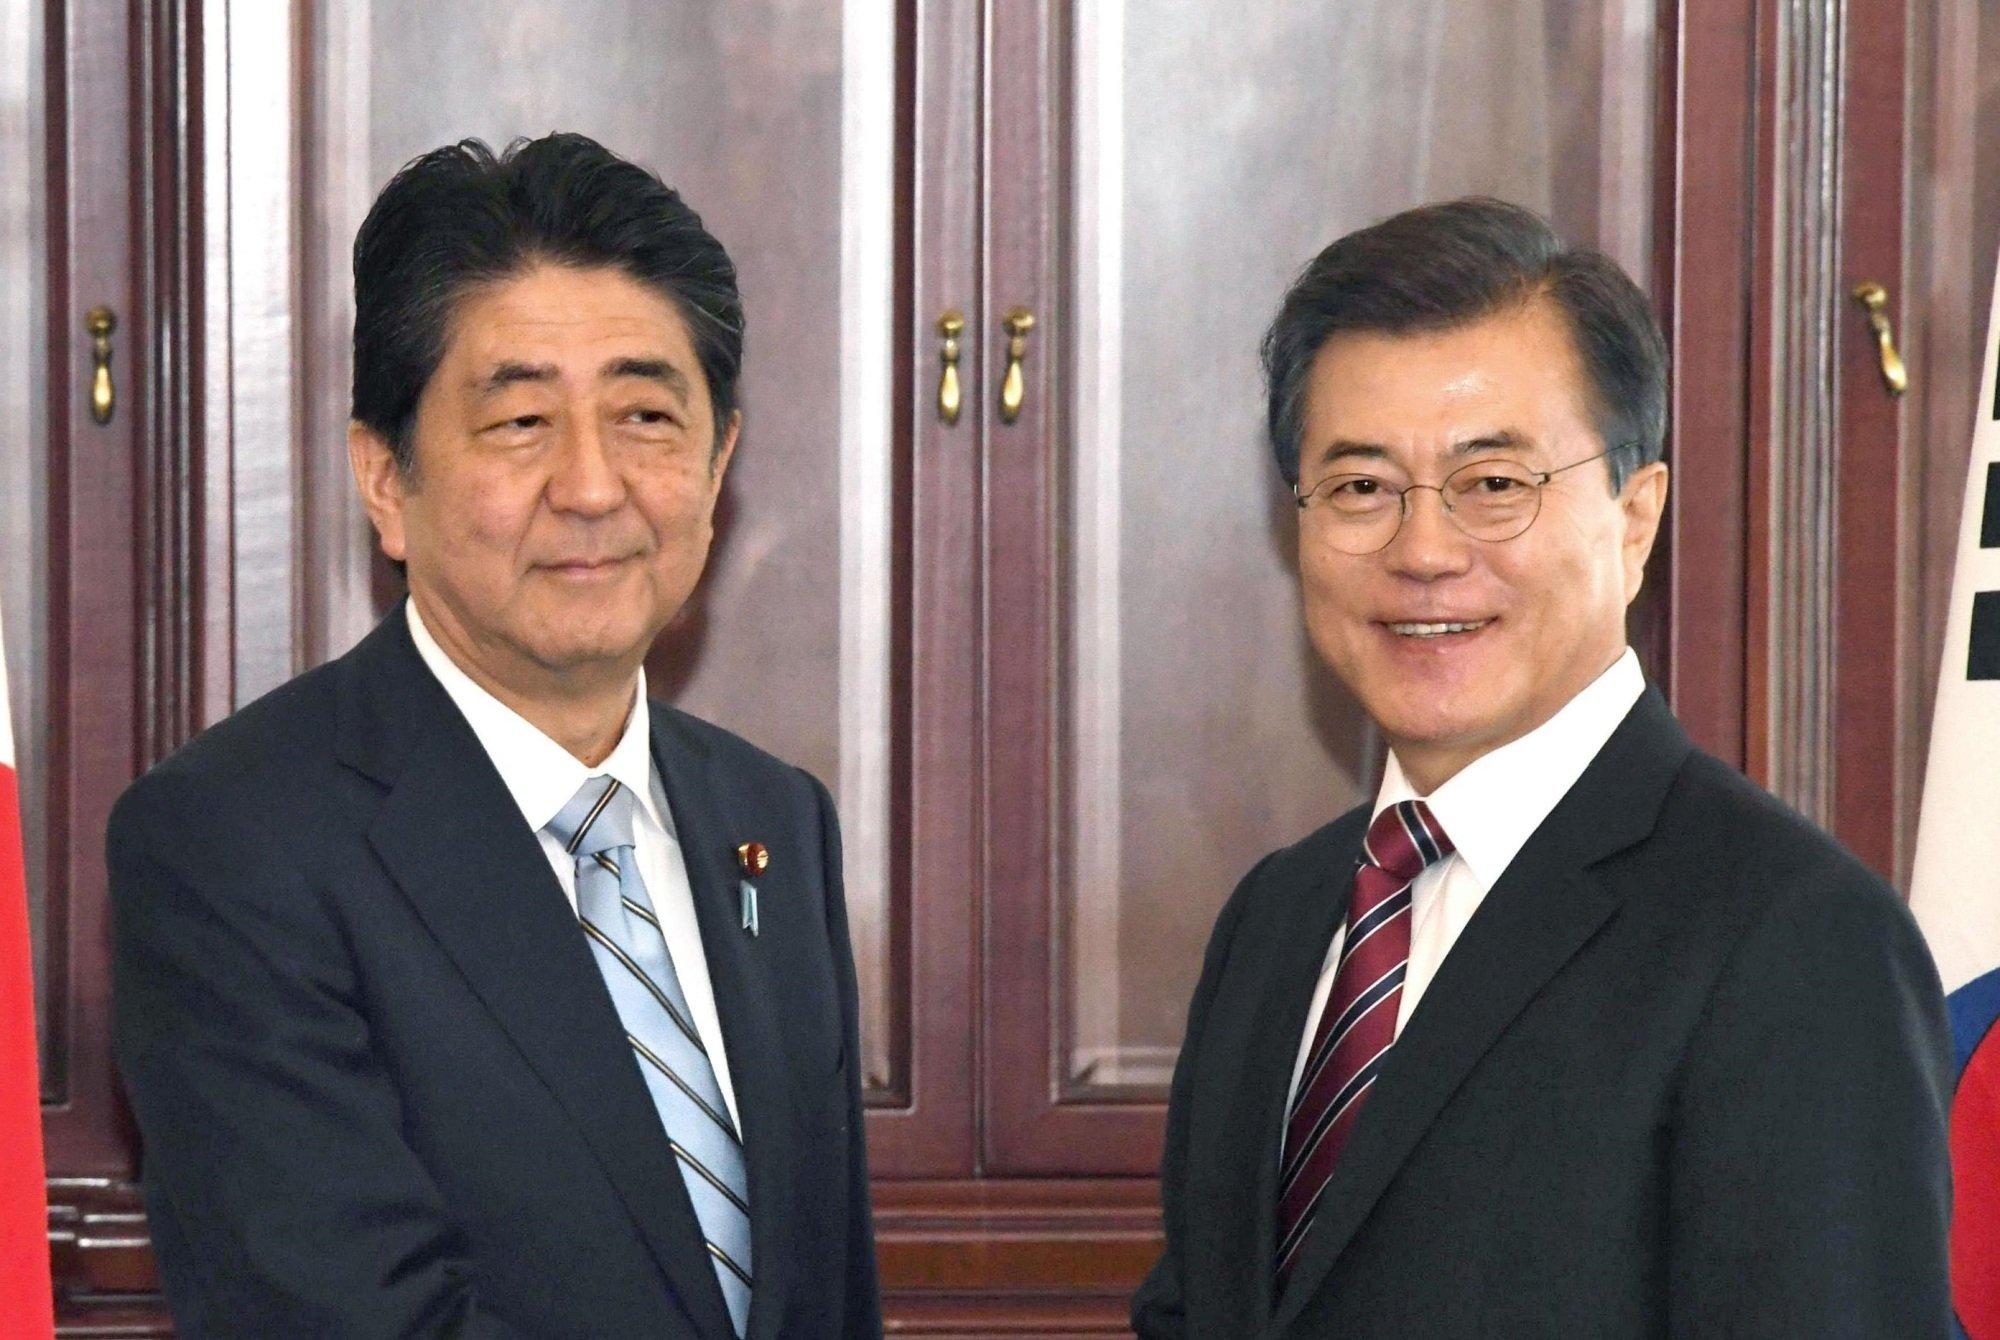 Японія та Південна Корея зробили спільну заяву щодо тиску на КНДР Опубліковано